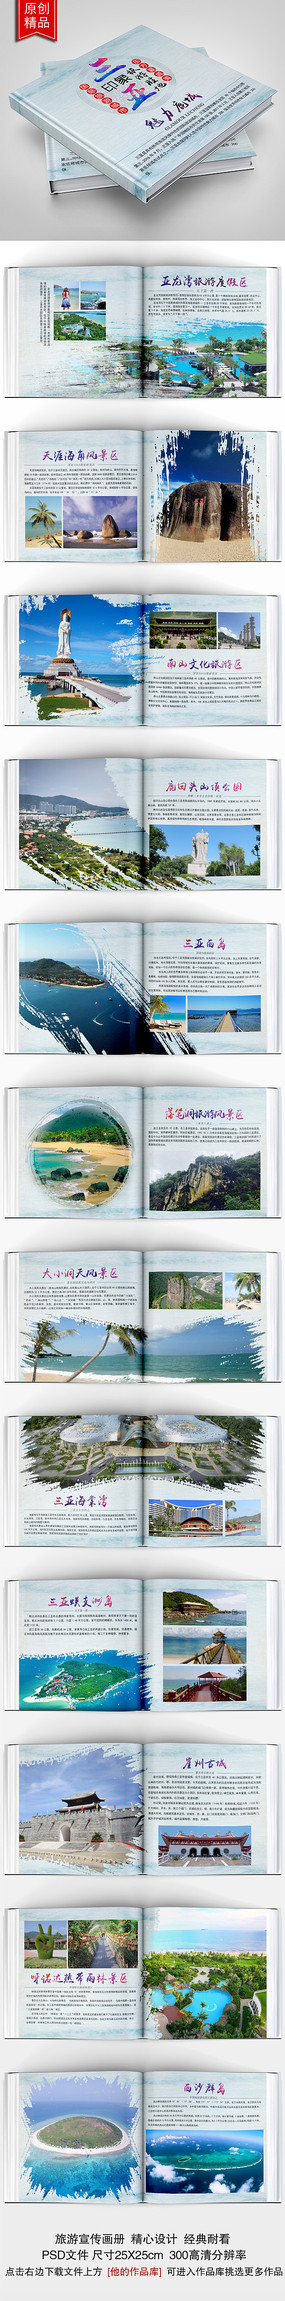 中国风三亚印象旅游画册